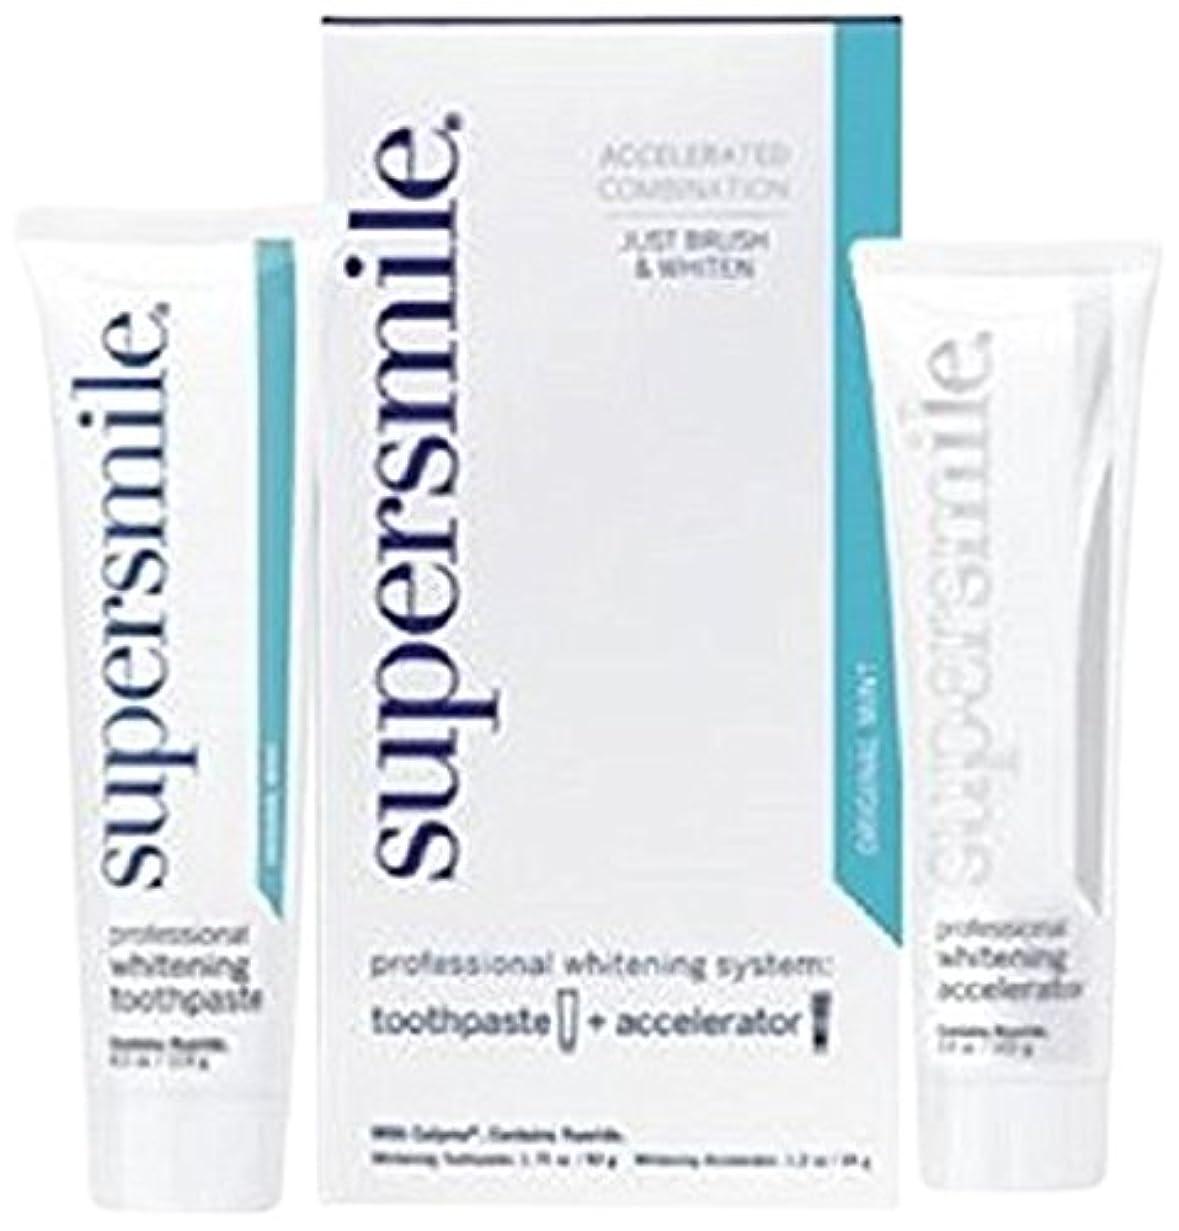 ペインギリック重くするどうやらSupersmile Professional Whitening System: Toothpaste 50g/1.75oz + Accelerator 34g/1.2oz - 2pcs by SuperSmile